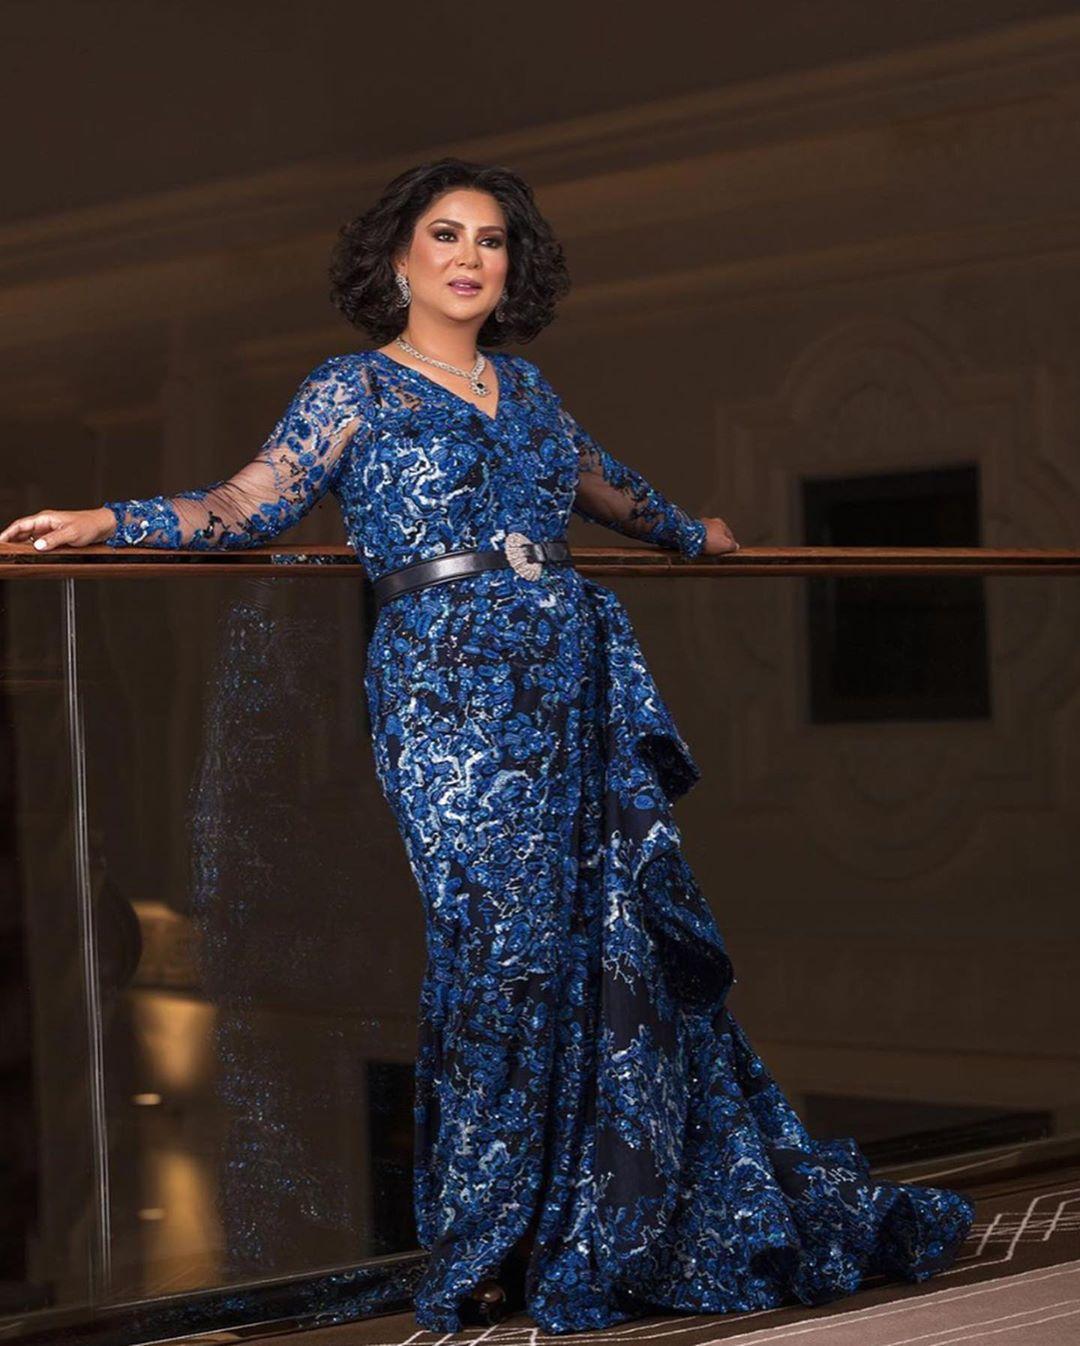 اطلالة فاخرة تألقت بها نوال الكويتية في فستان سهرة أزرق